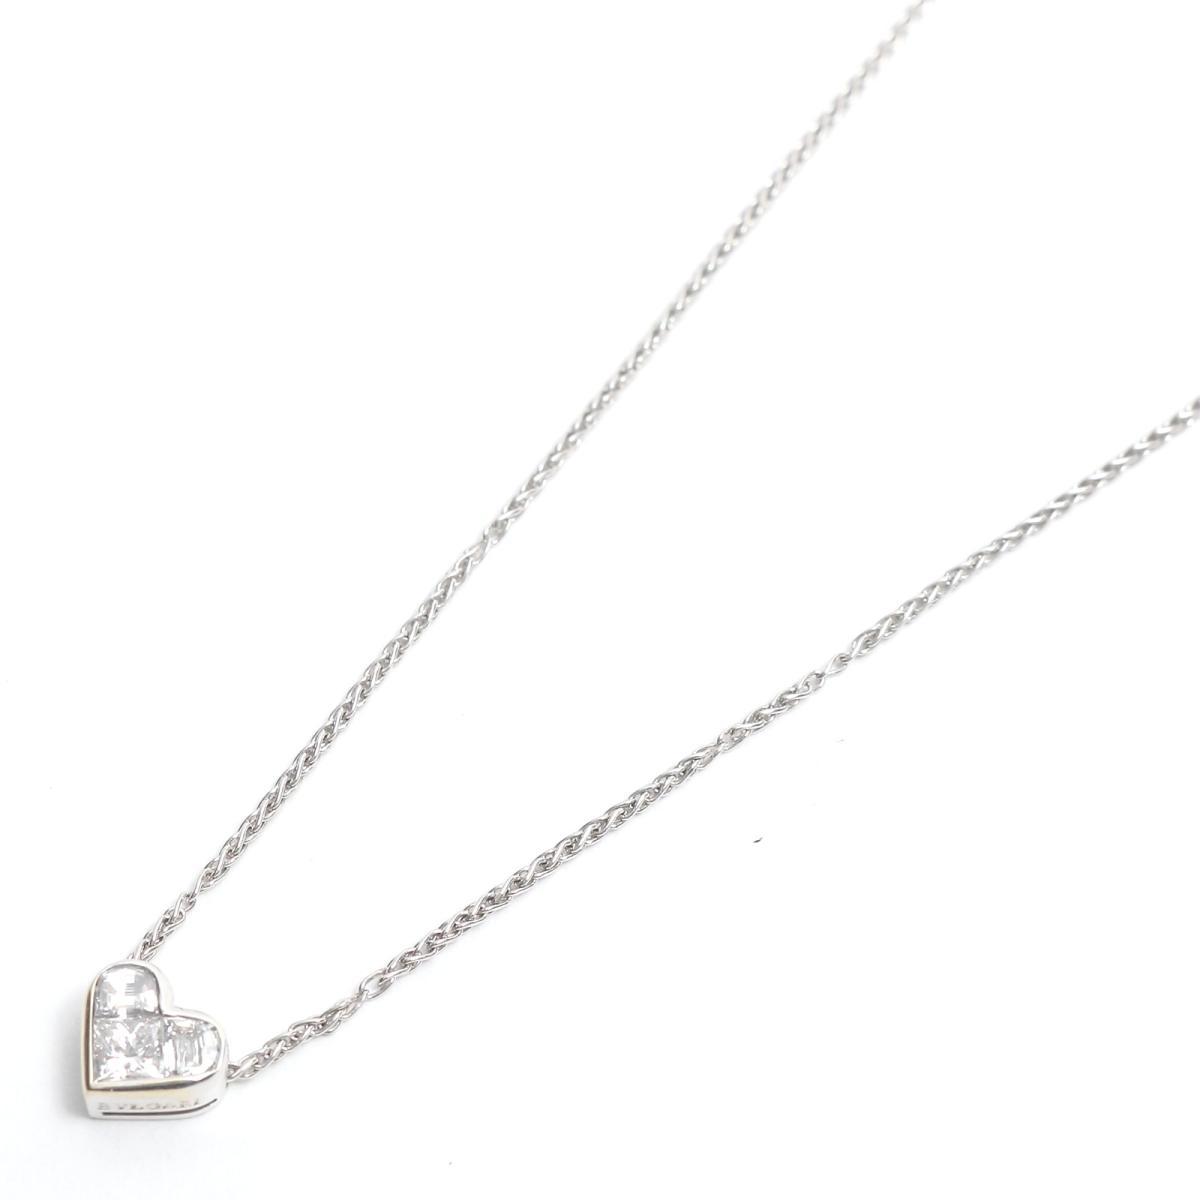 【中古】 ブルガリ クオーレ ダイヤモンド ネックレス レディース K18WG (750) ホワイトゴールド x   BVLGARI BRANDOFF ブランドオフ ブランド アクセサリー ペンダント